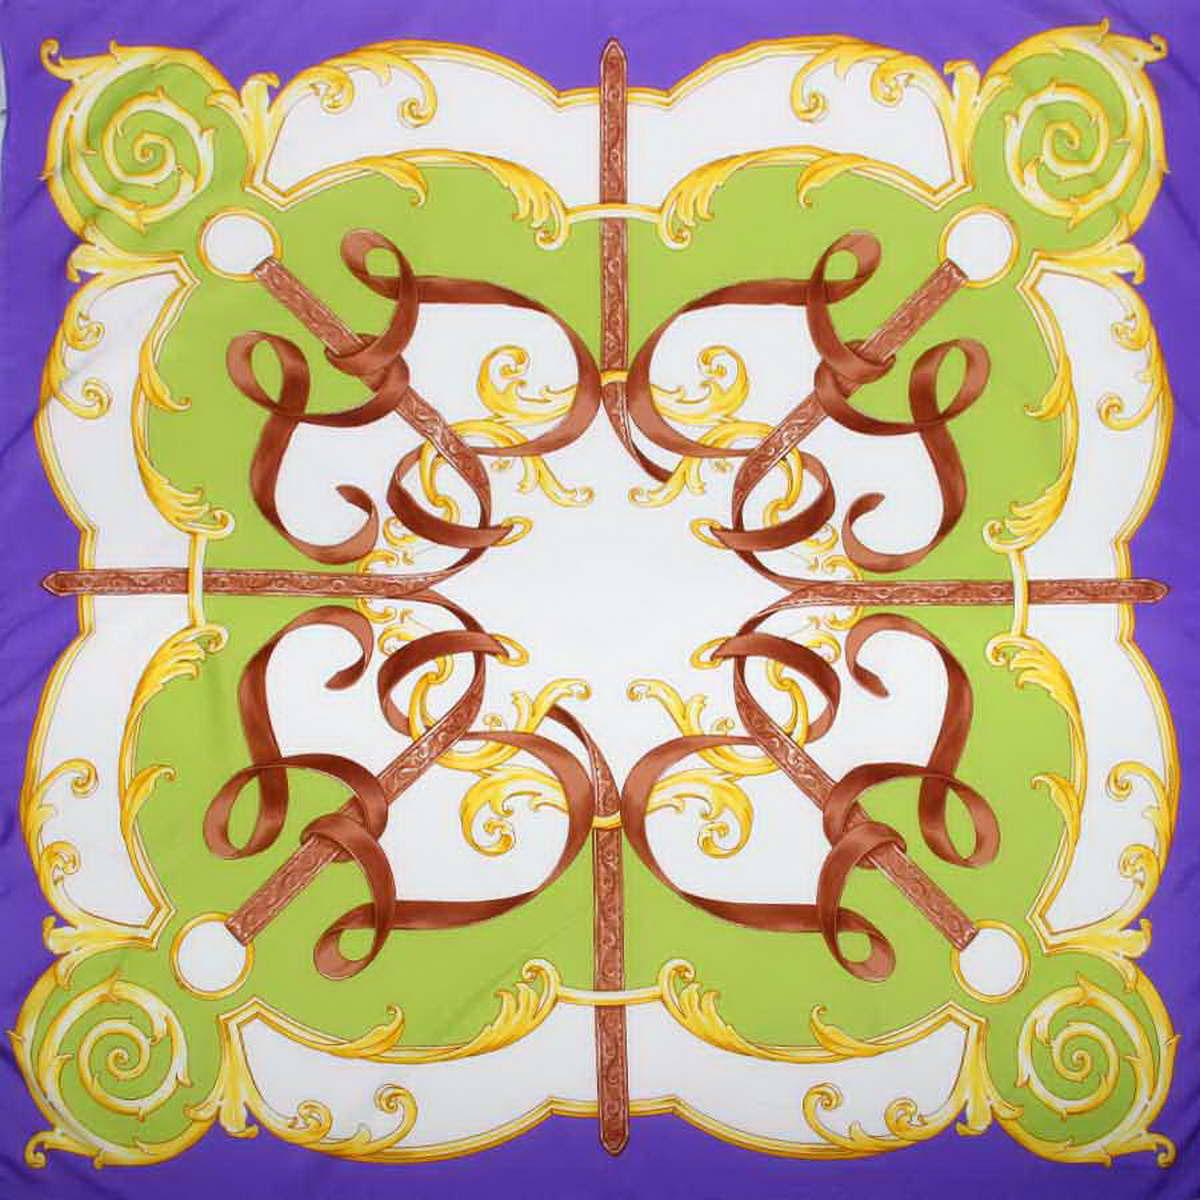 3904972-31Женственный аксессуар, платок из полиэстера, нежный и легкий, приятный к коже и отлично драпируется, яркие оттенки очаровательных цветков внесут в Ваш образ очарование и шарм.